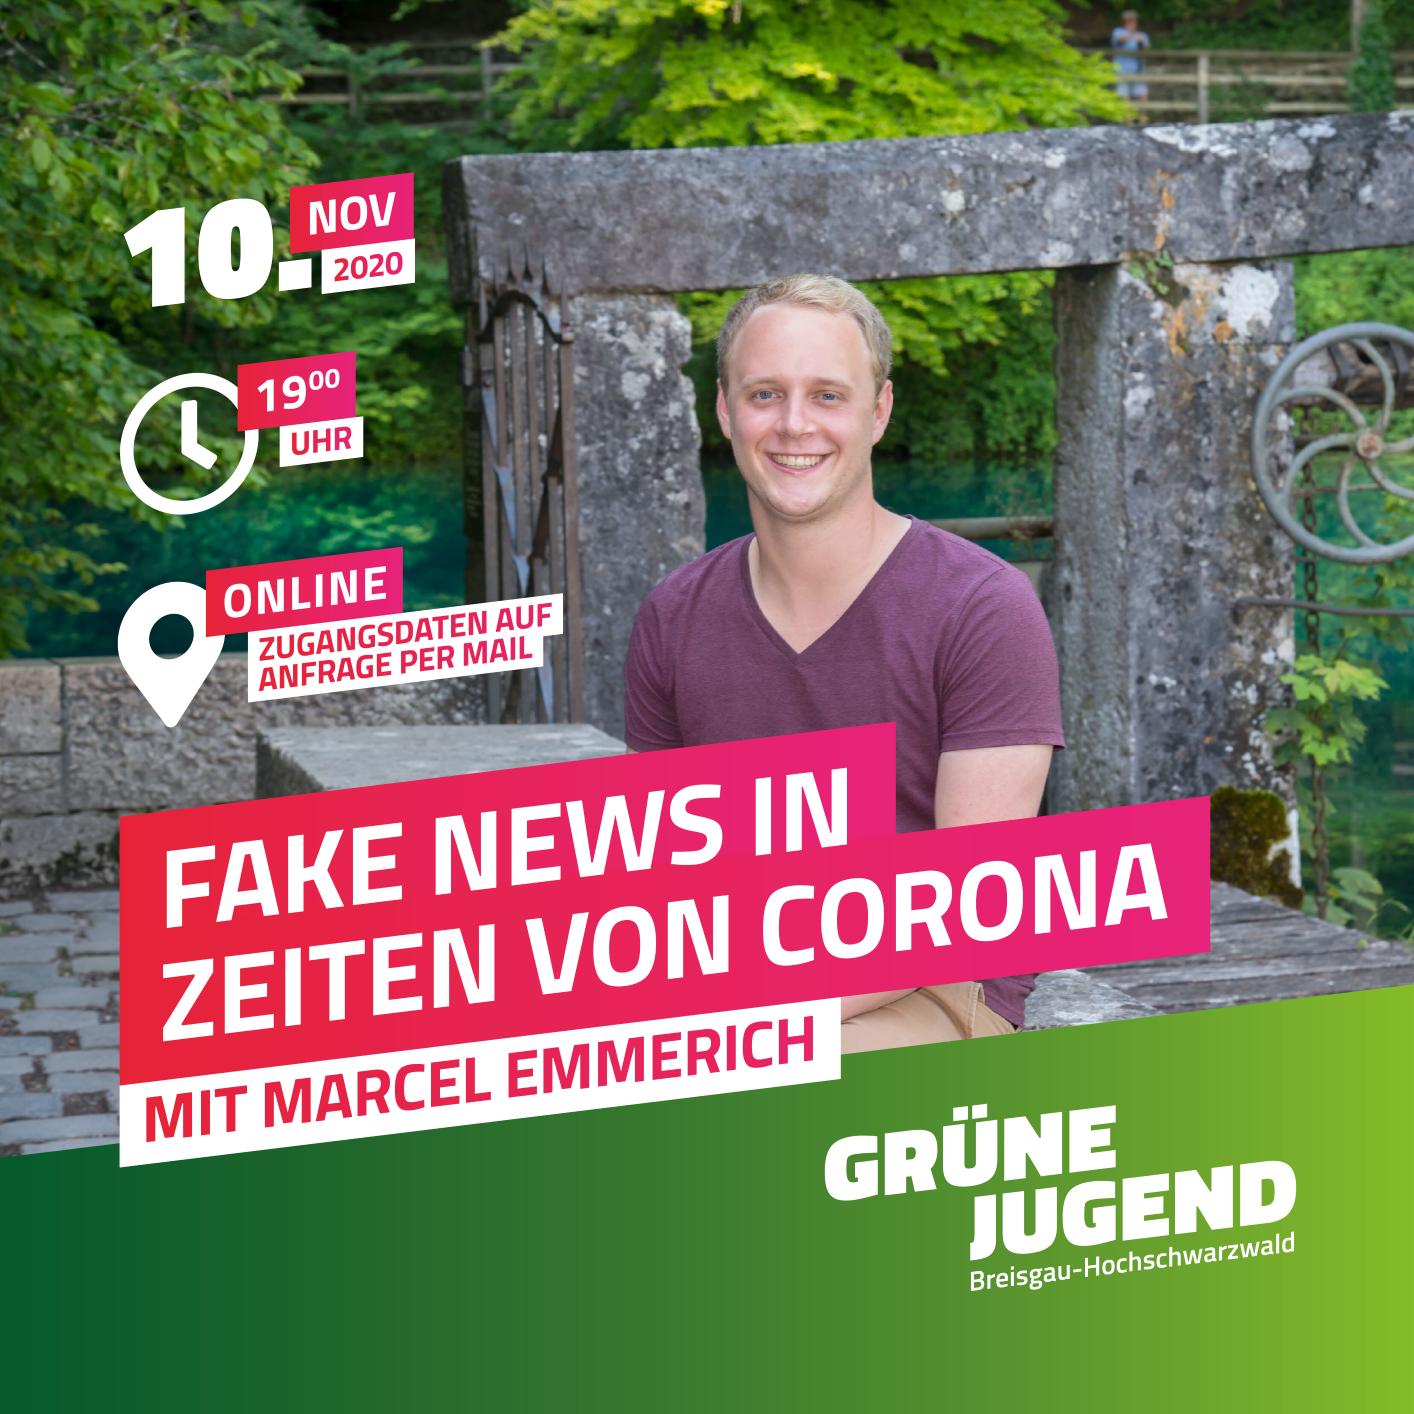 Fake News in Zeiten von Corona